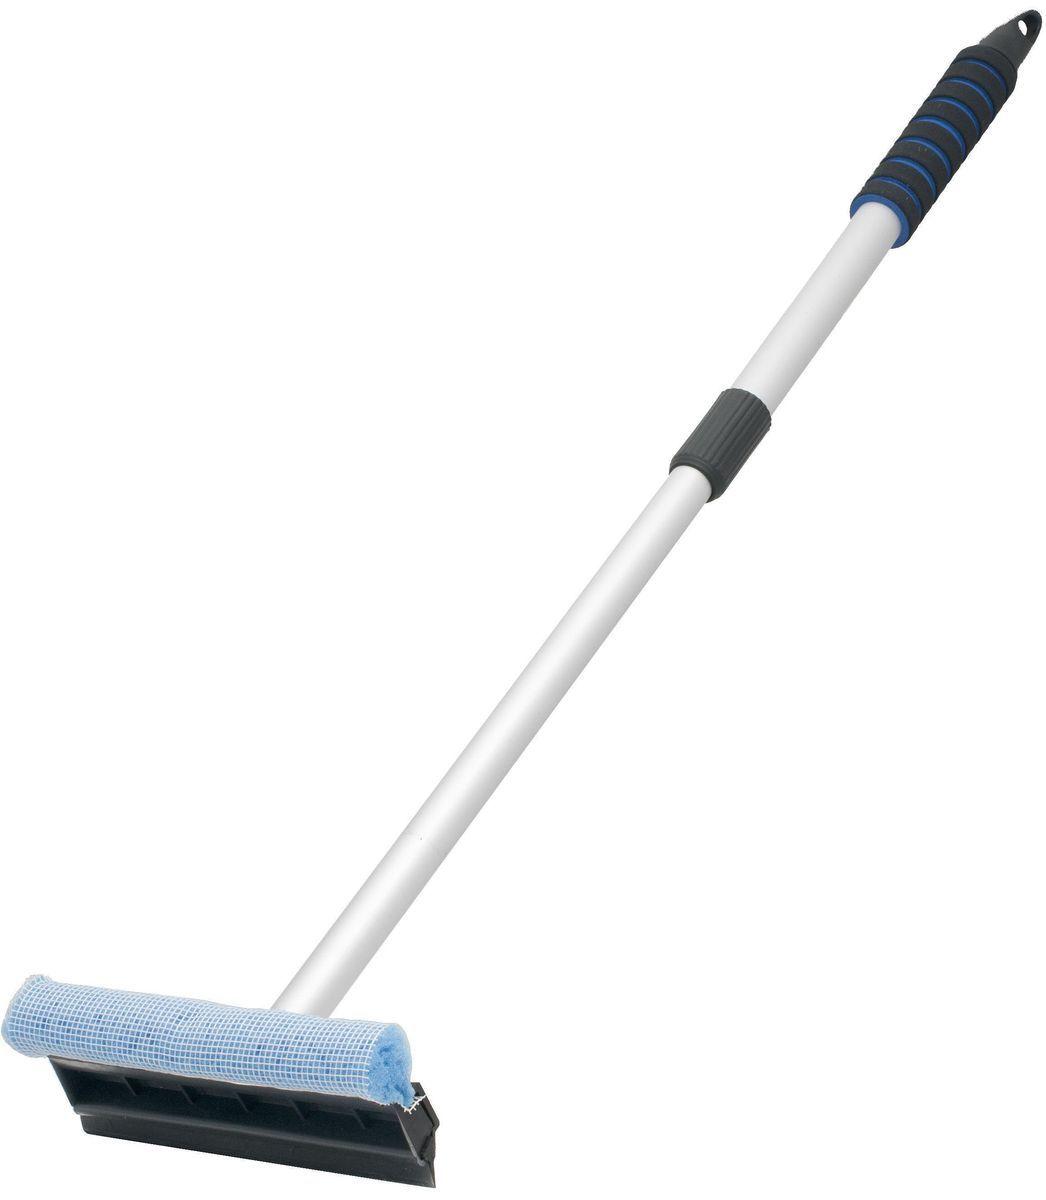 Водосгон Главдор GL-563, на телескопической ручке, цвет: голубой1004900000360Телескопический, алюминиевый водосгон с удобным держателем из пенополиэтилена, длина раздвигающейся ручки55 - 85см. Снабжен резиновым лезвием и поролоновой губкой для эффективной очистки загрязненных поверхностей.